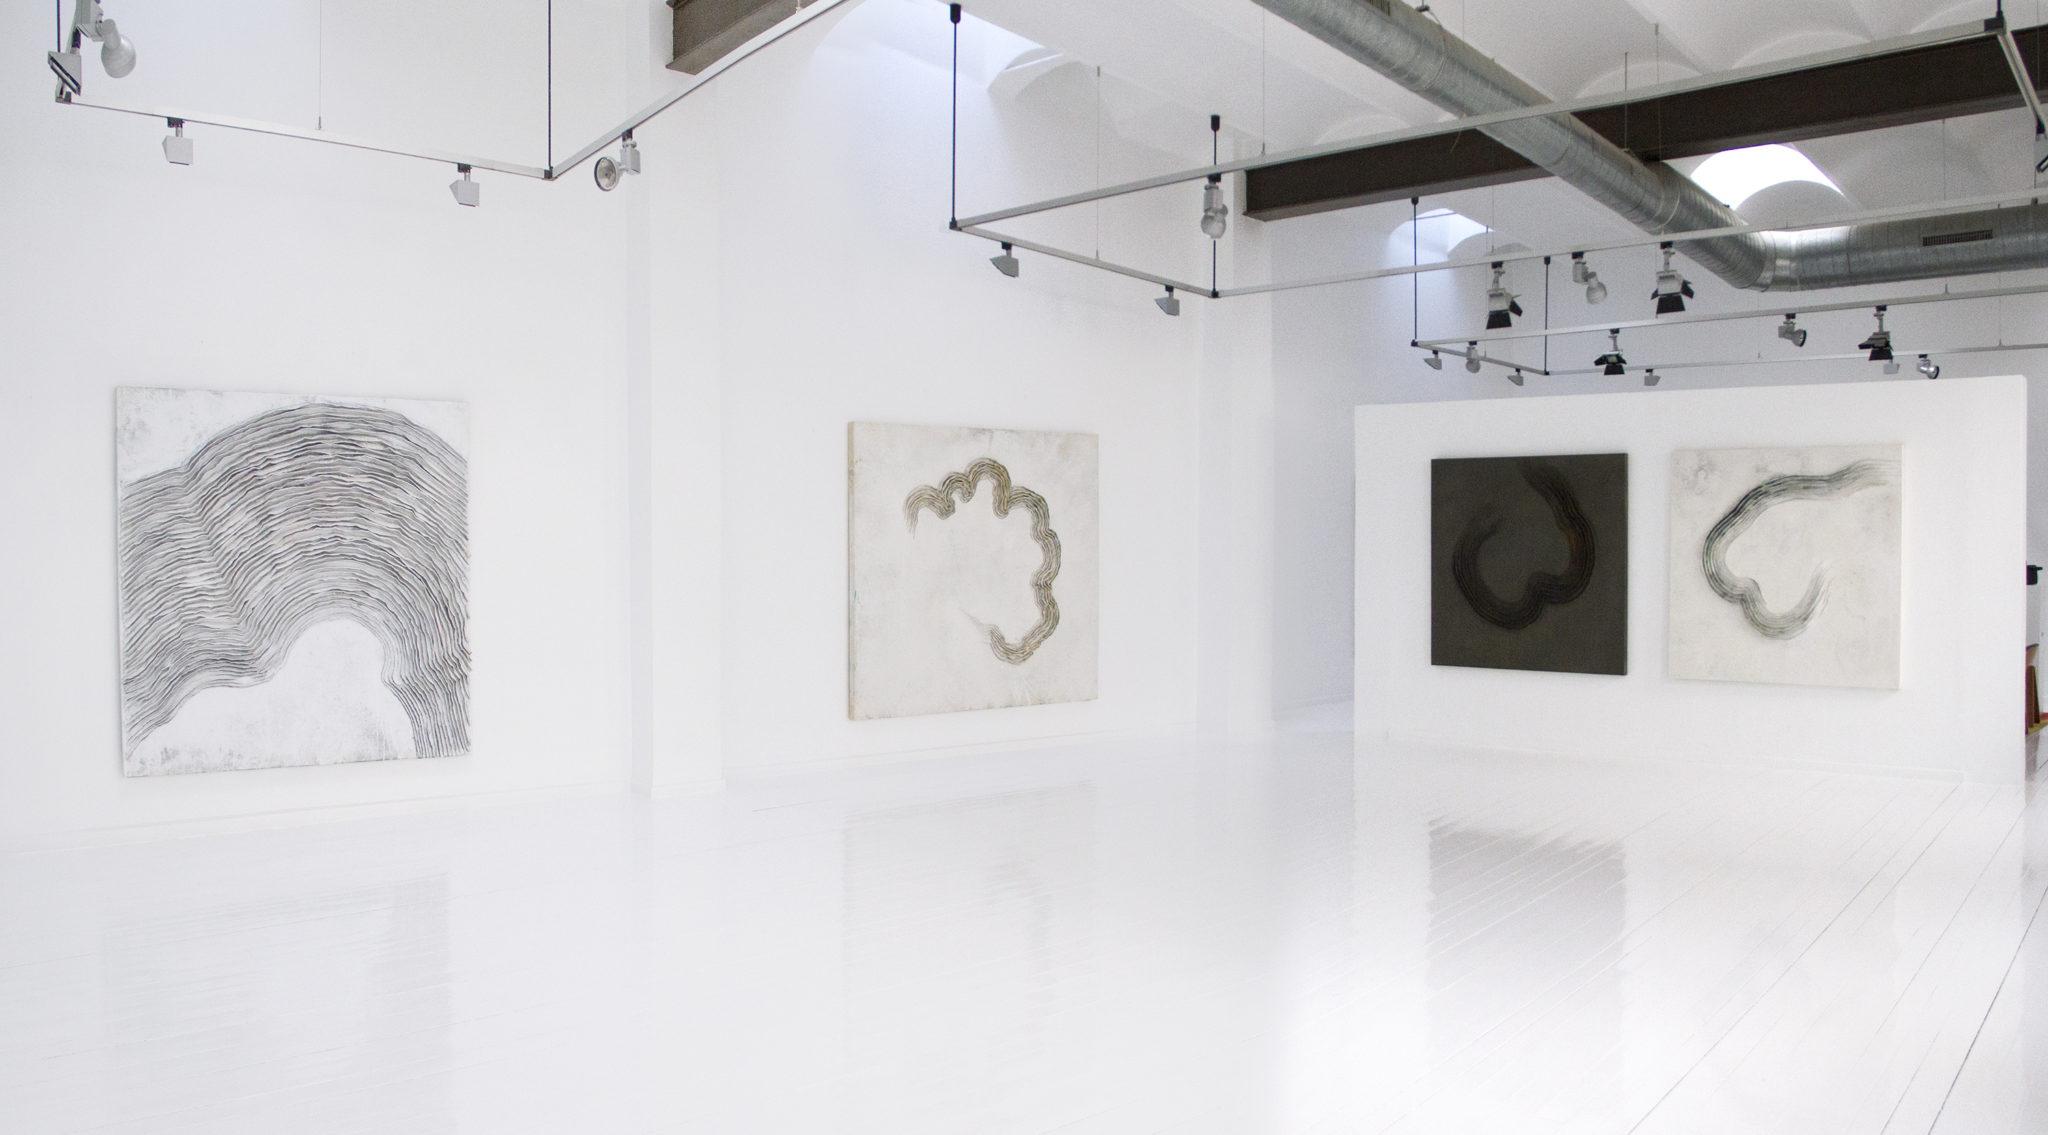 Galeria Miquel Alzueta